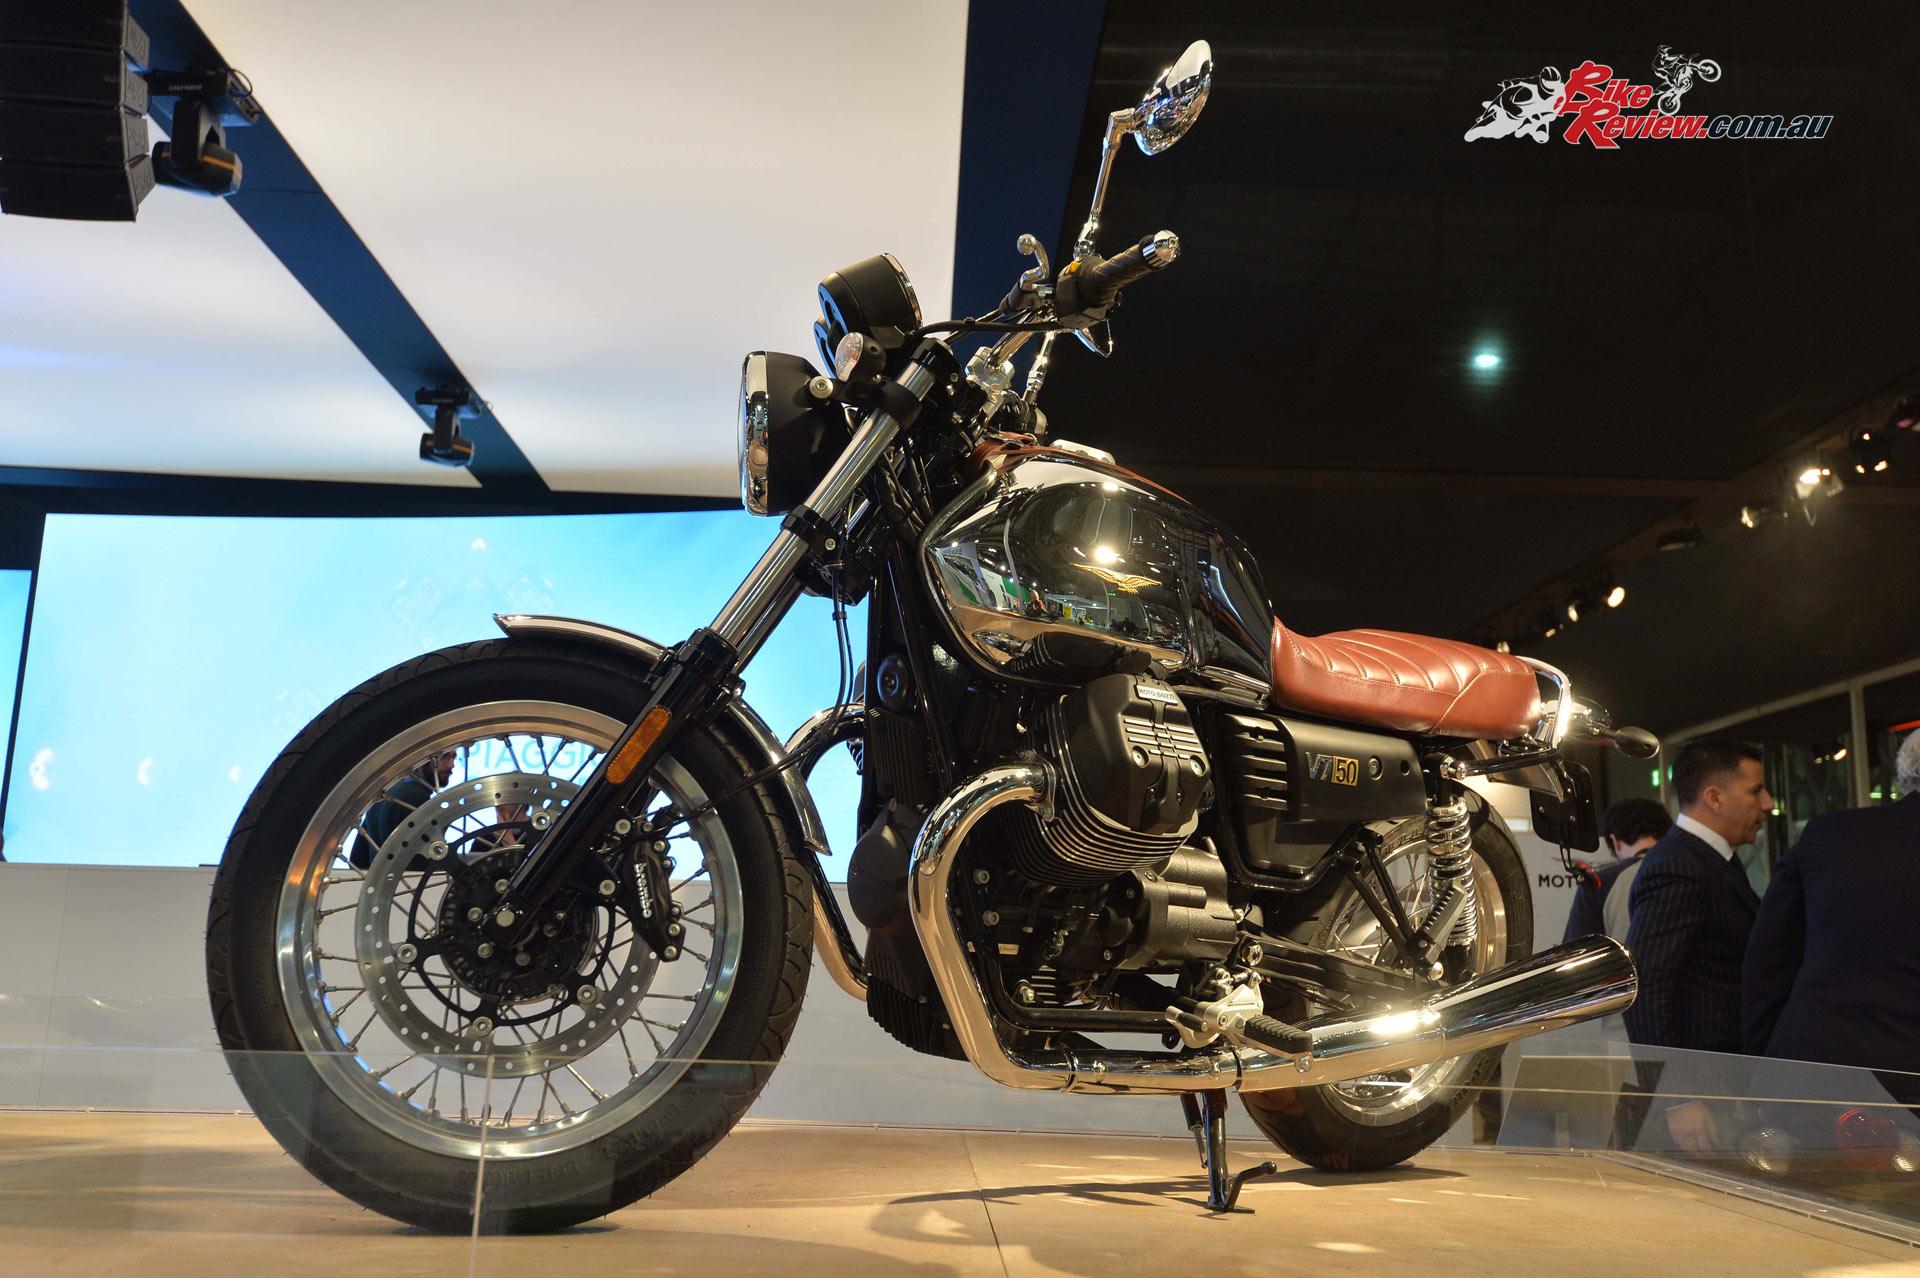 2017 Moto Guzzi V7 III Anniversario, EICMA 2016, Image courtesy of Moto Guzzi